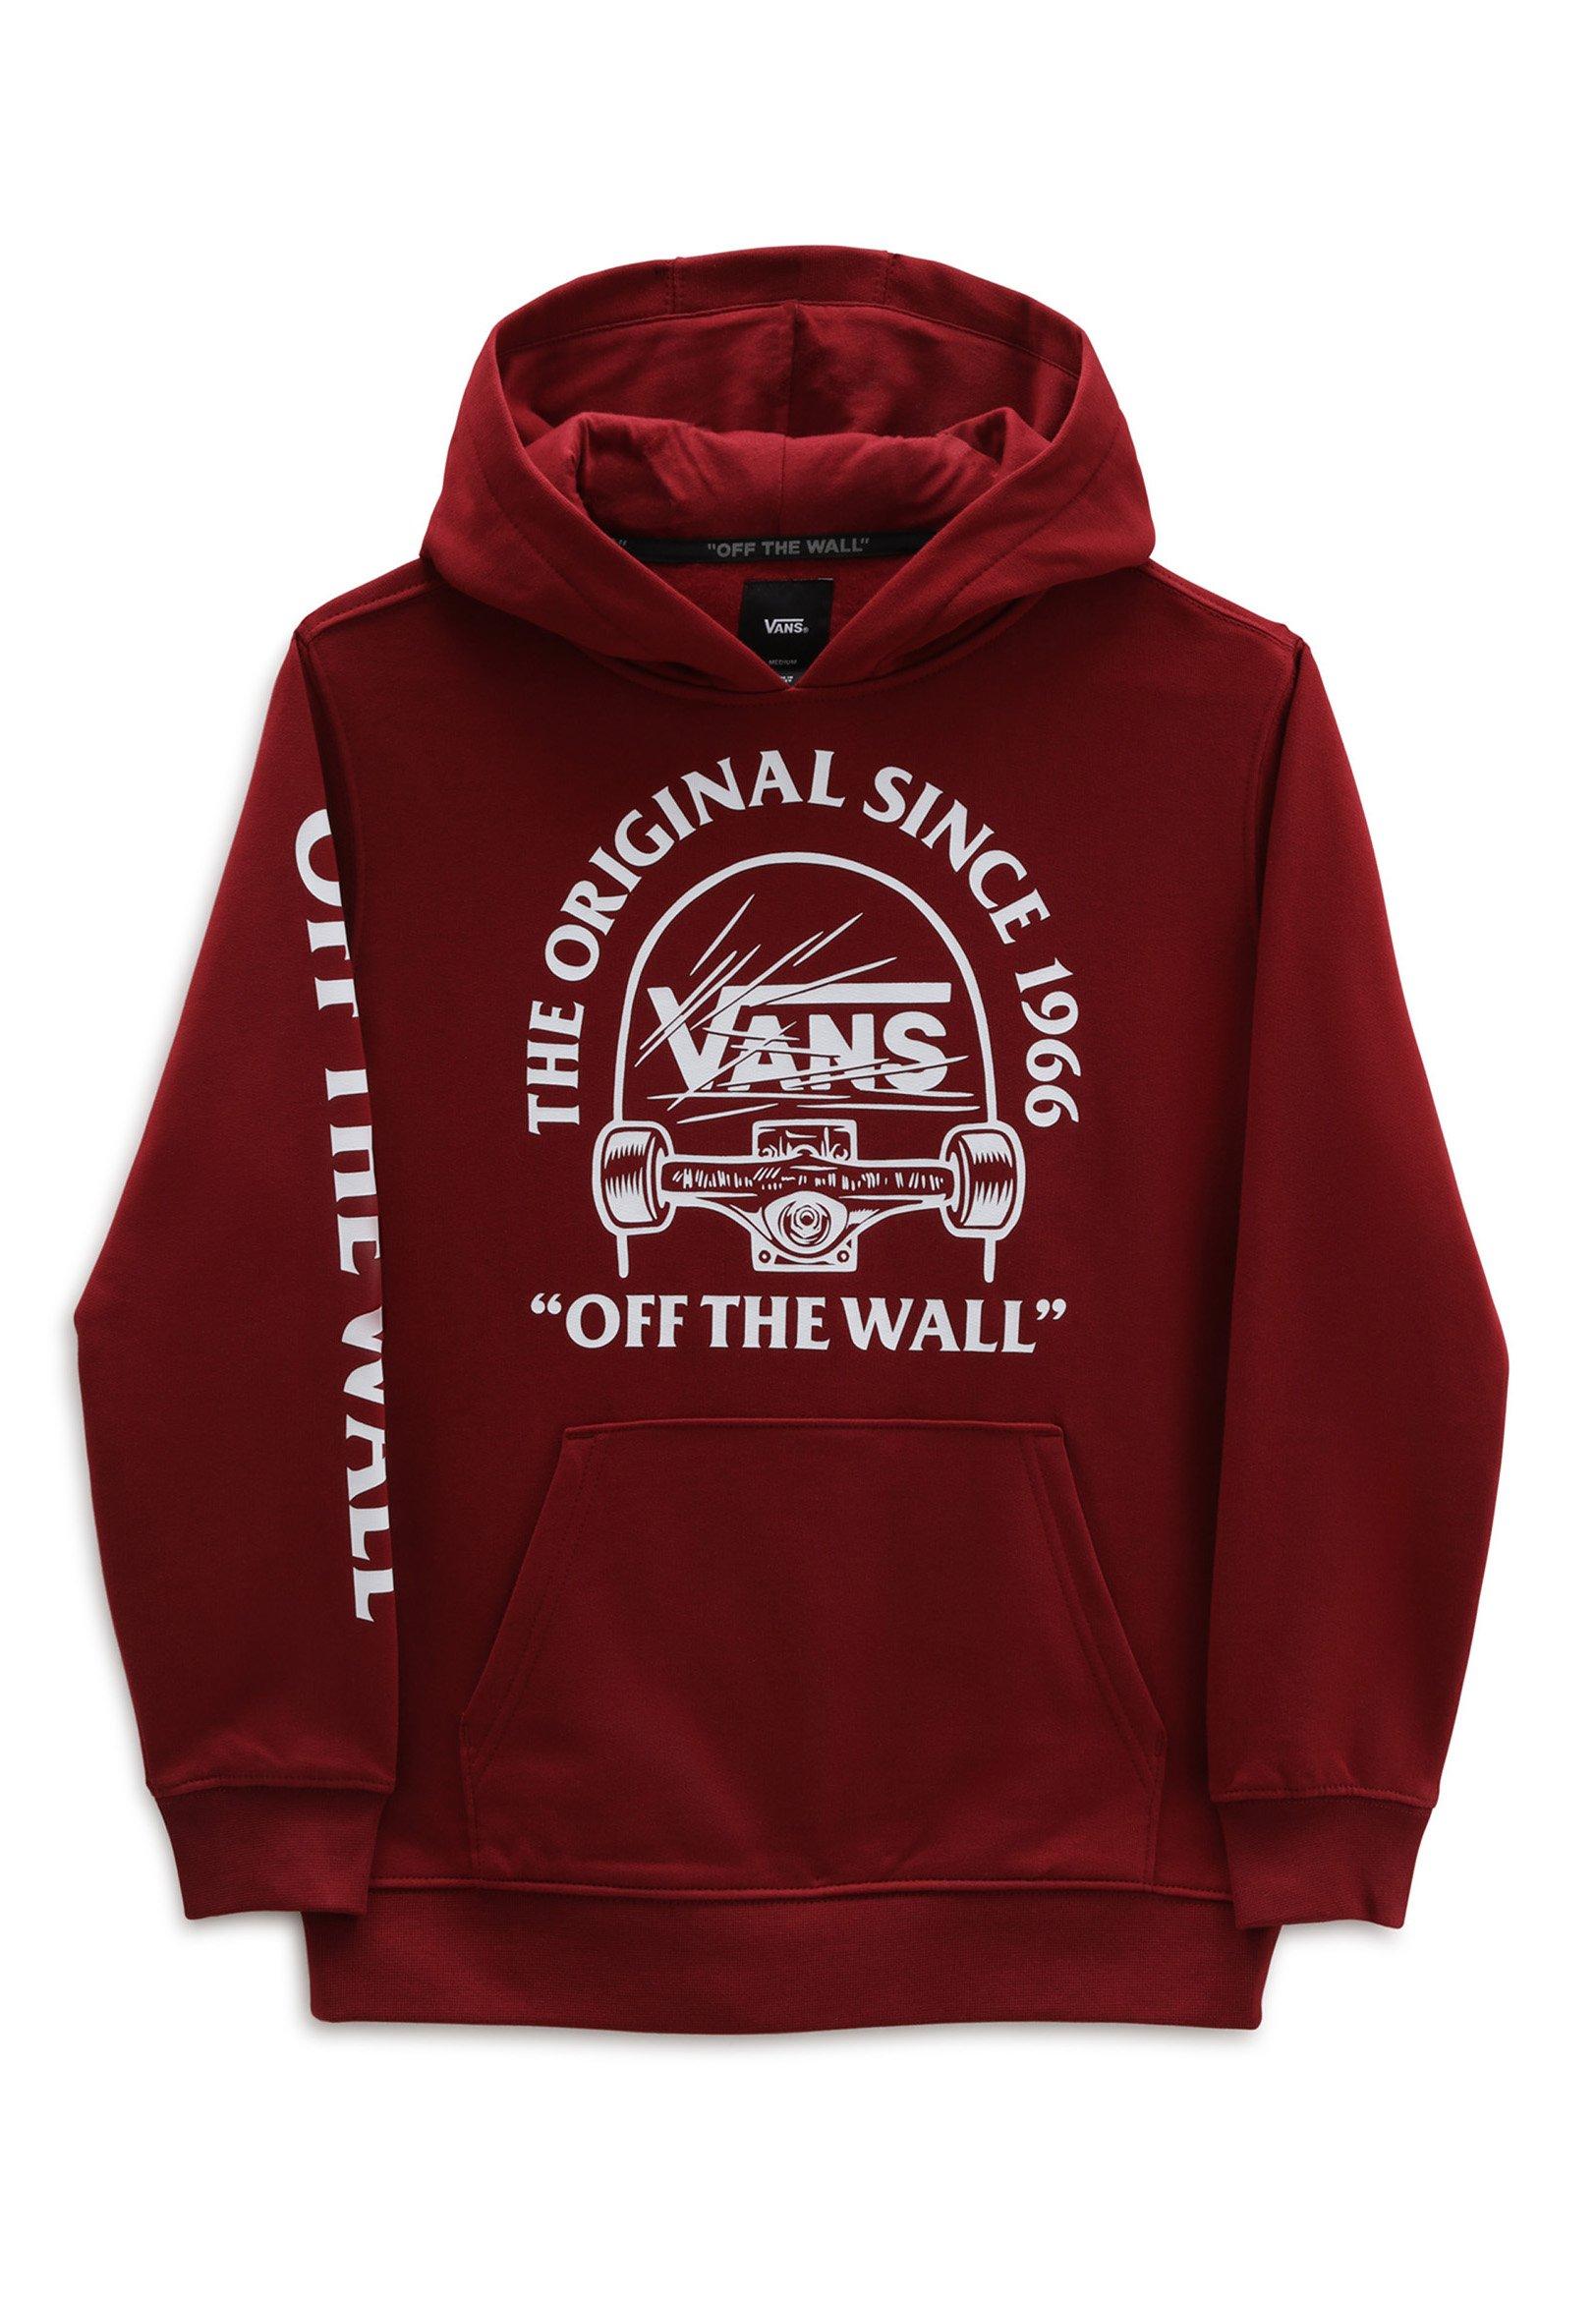 Børn BY ORIGINAL GRIND PO BOYS - Sweatshirts